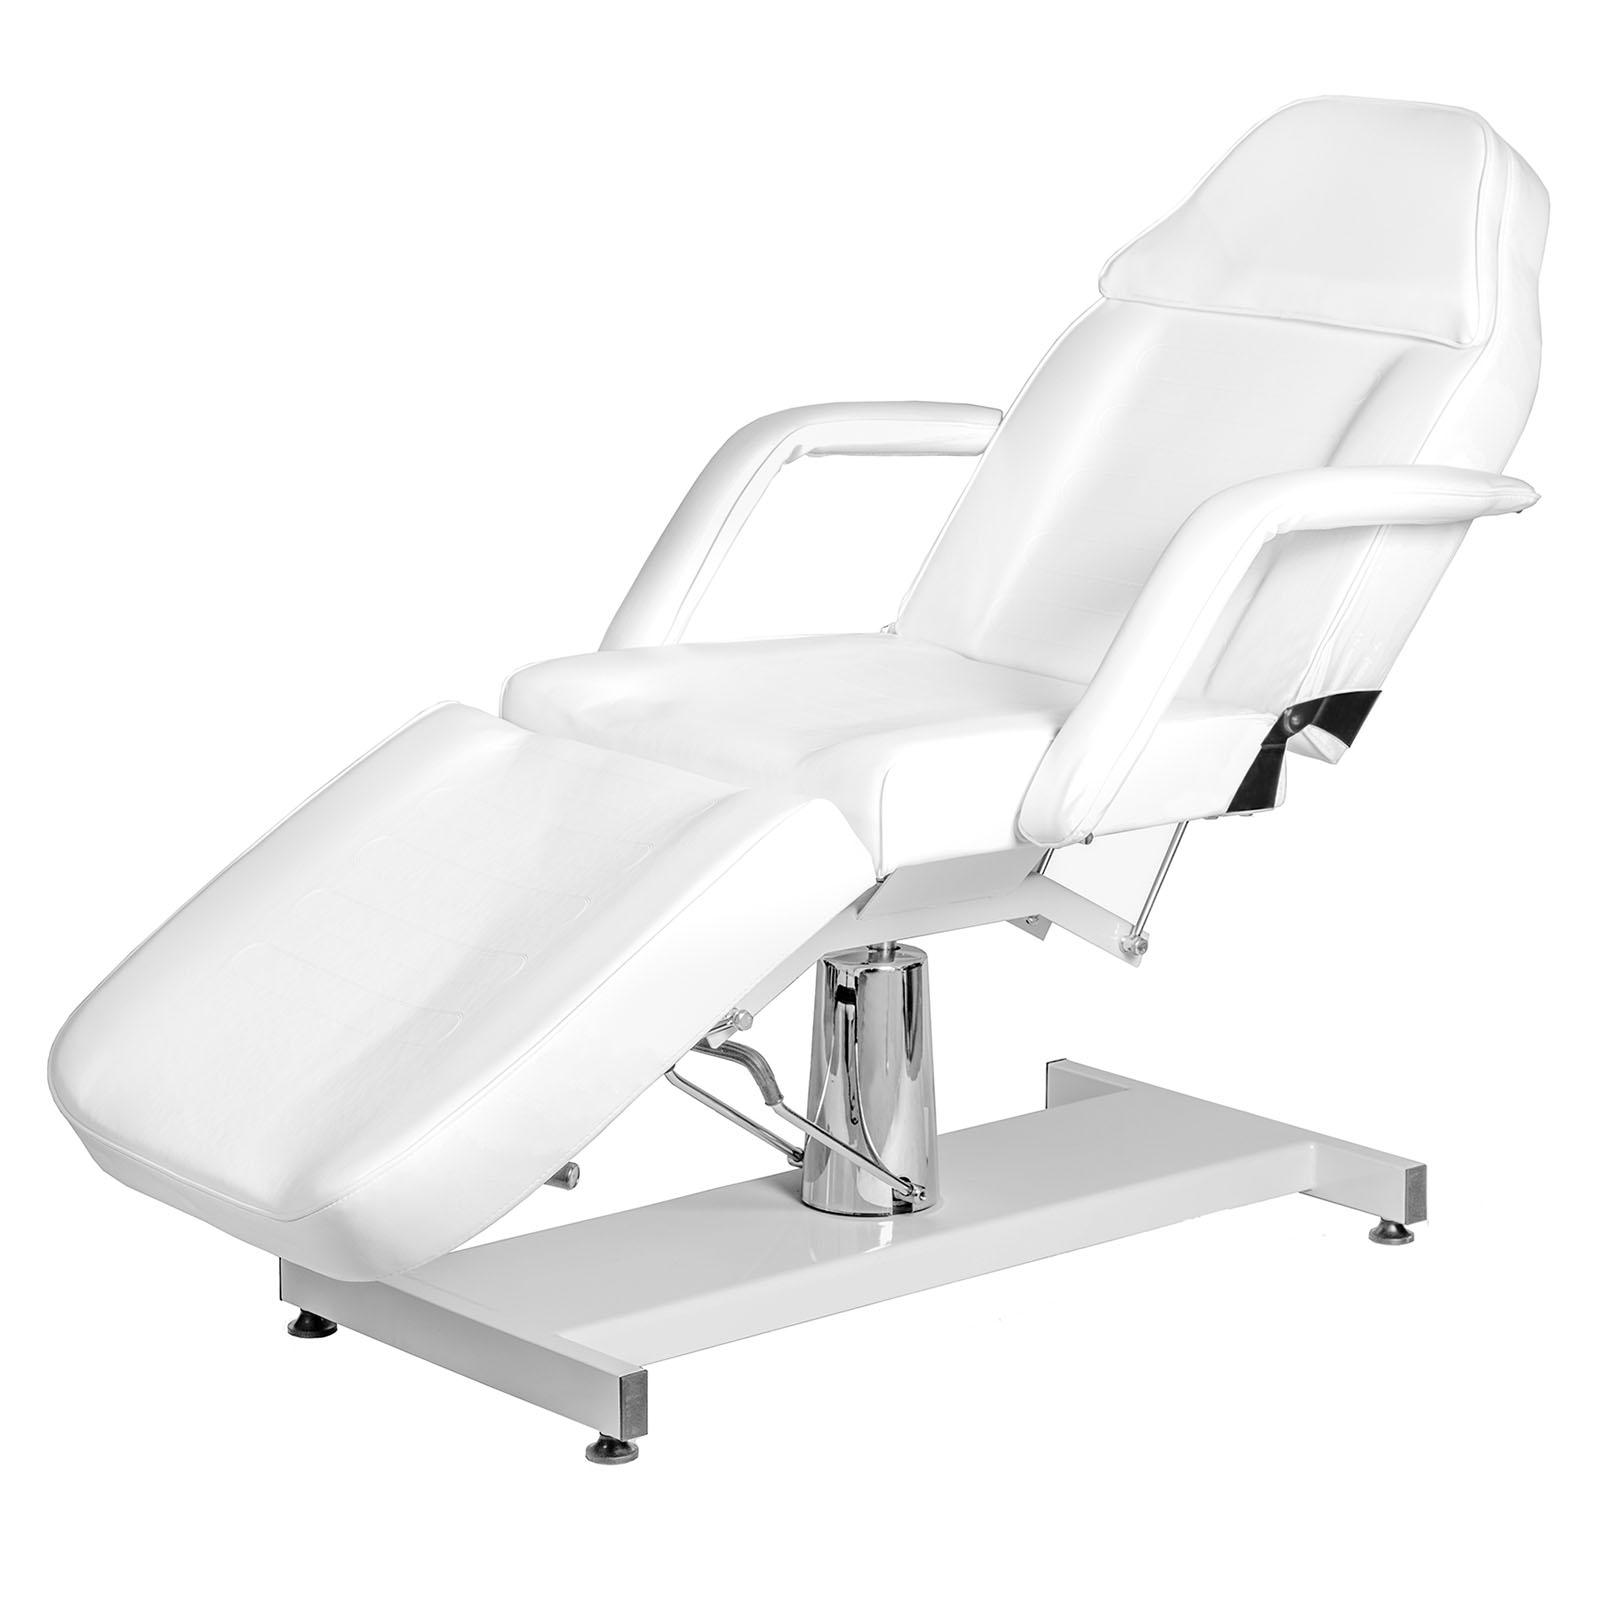 Fotel Kosmetyczny łóżko Kosmetyczne Do Salonu Spa